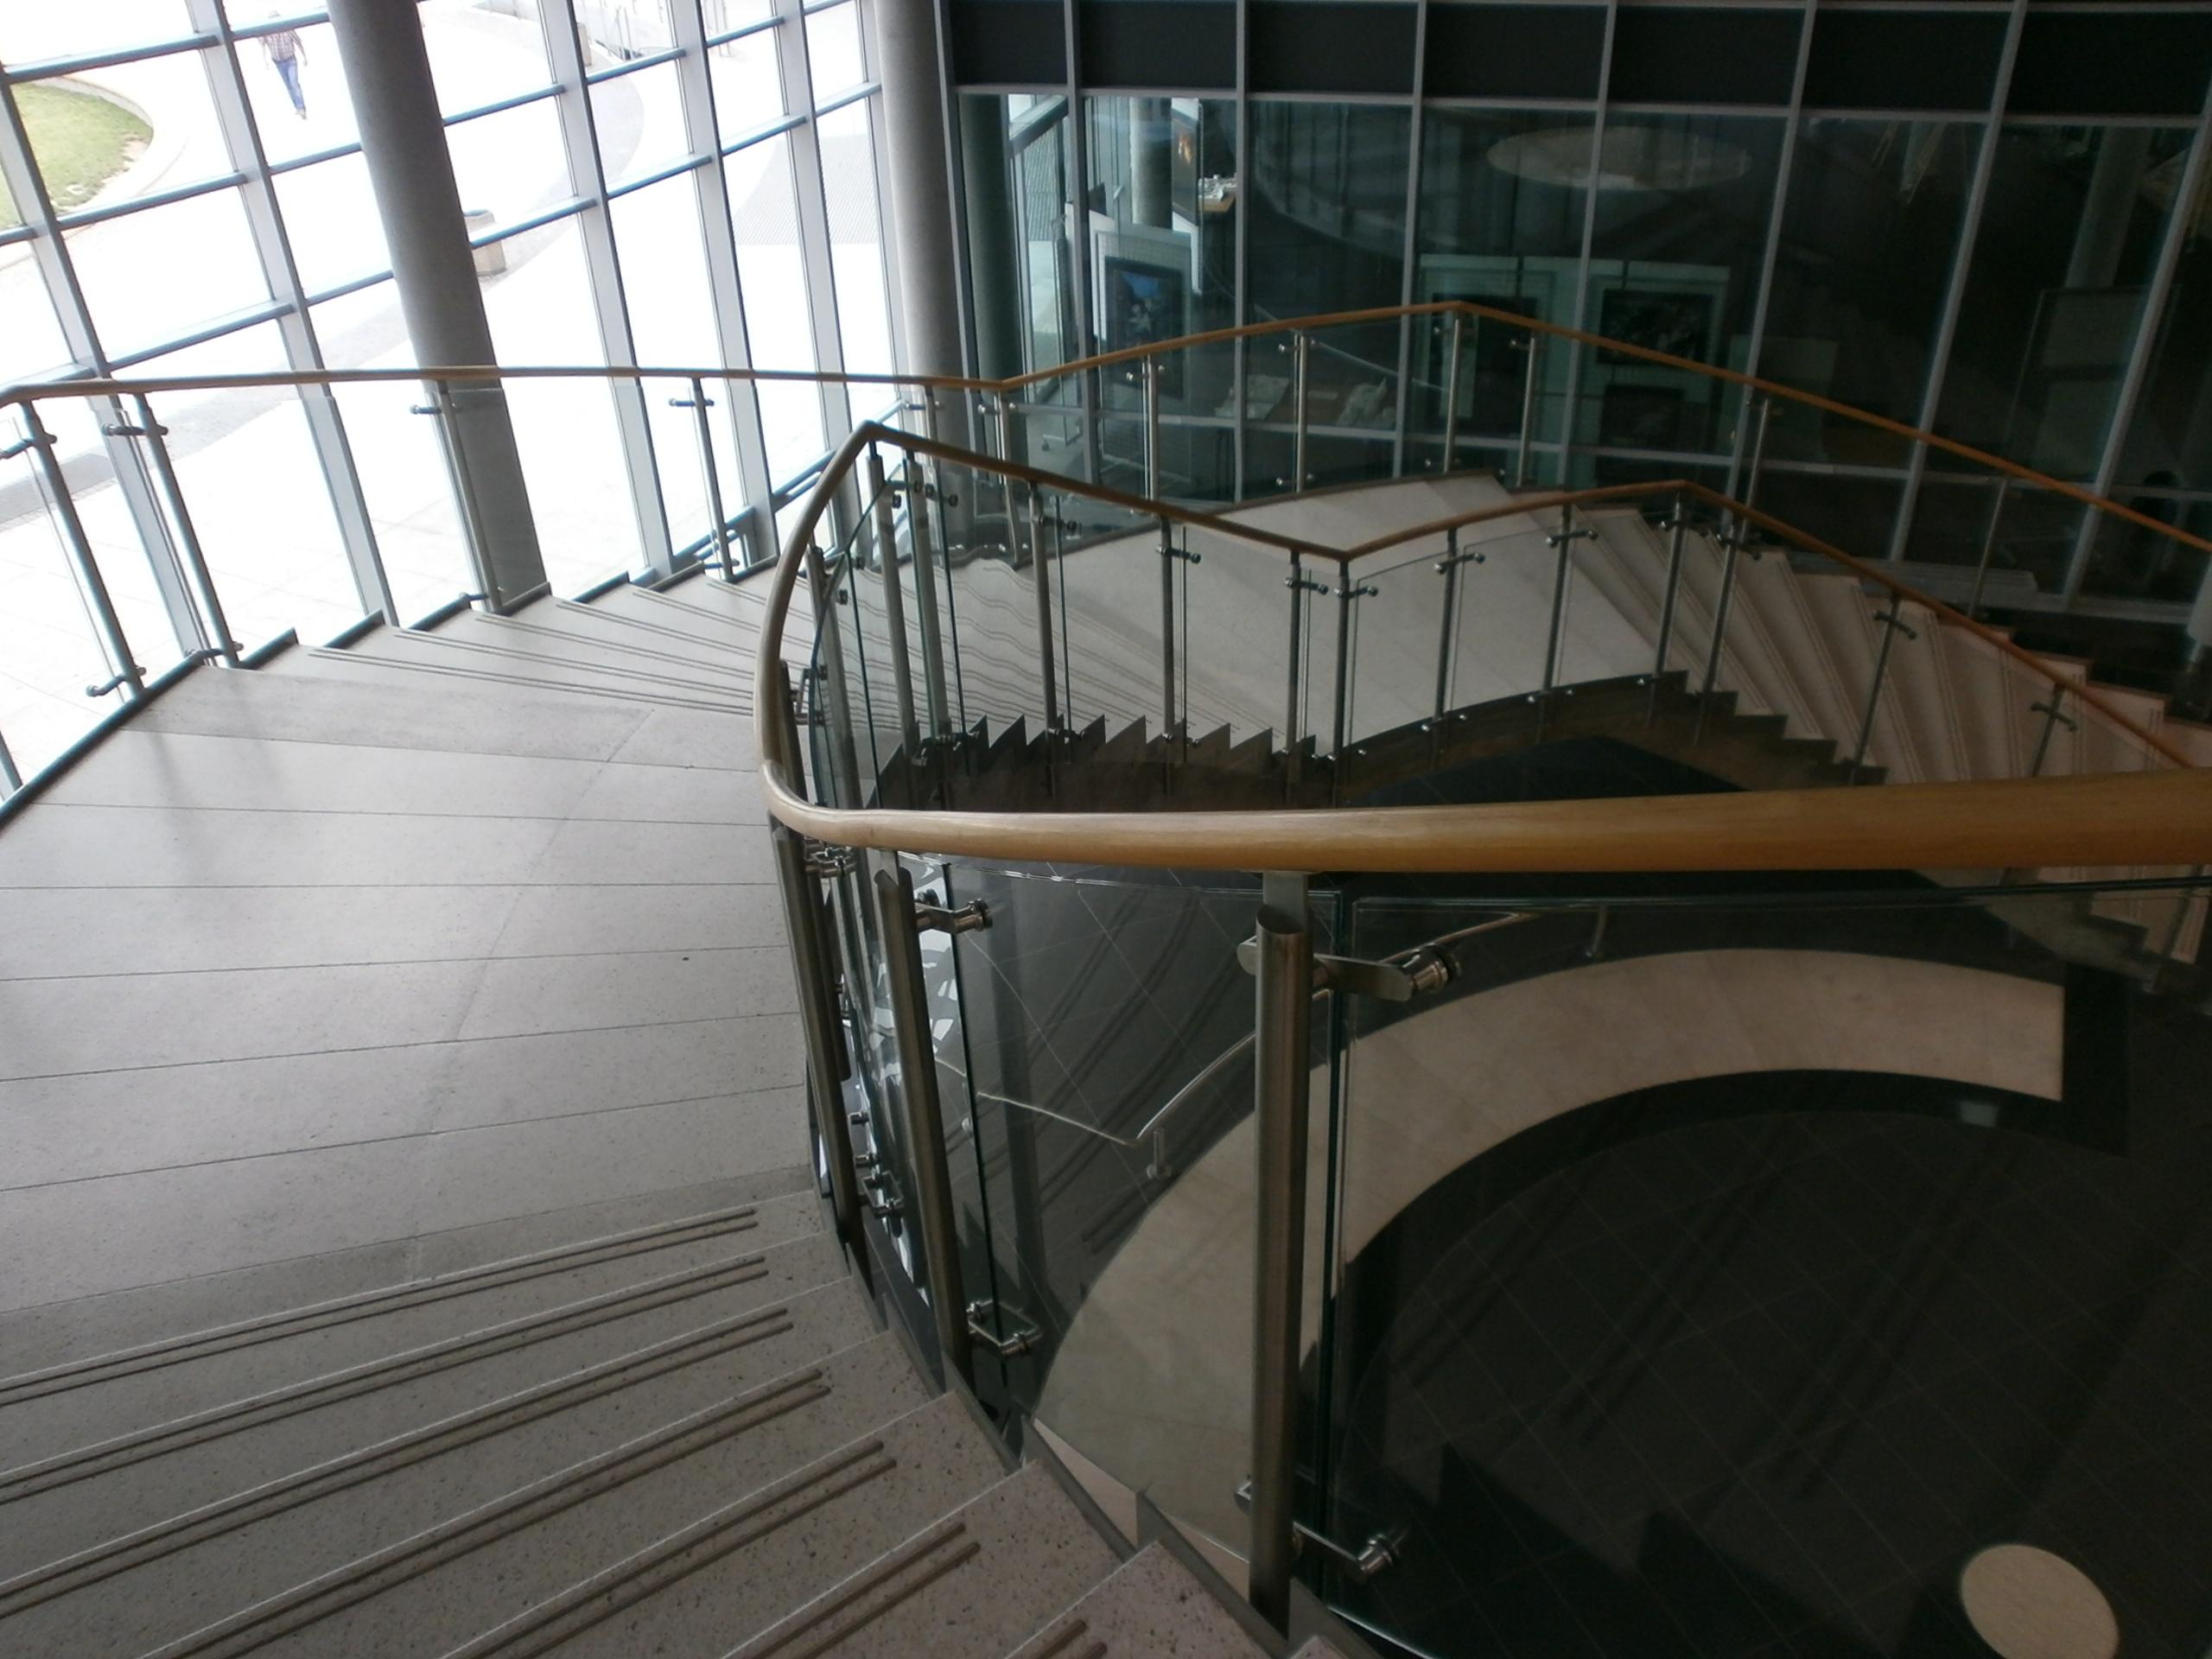 Schody w budynku